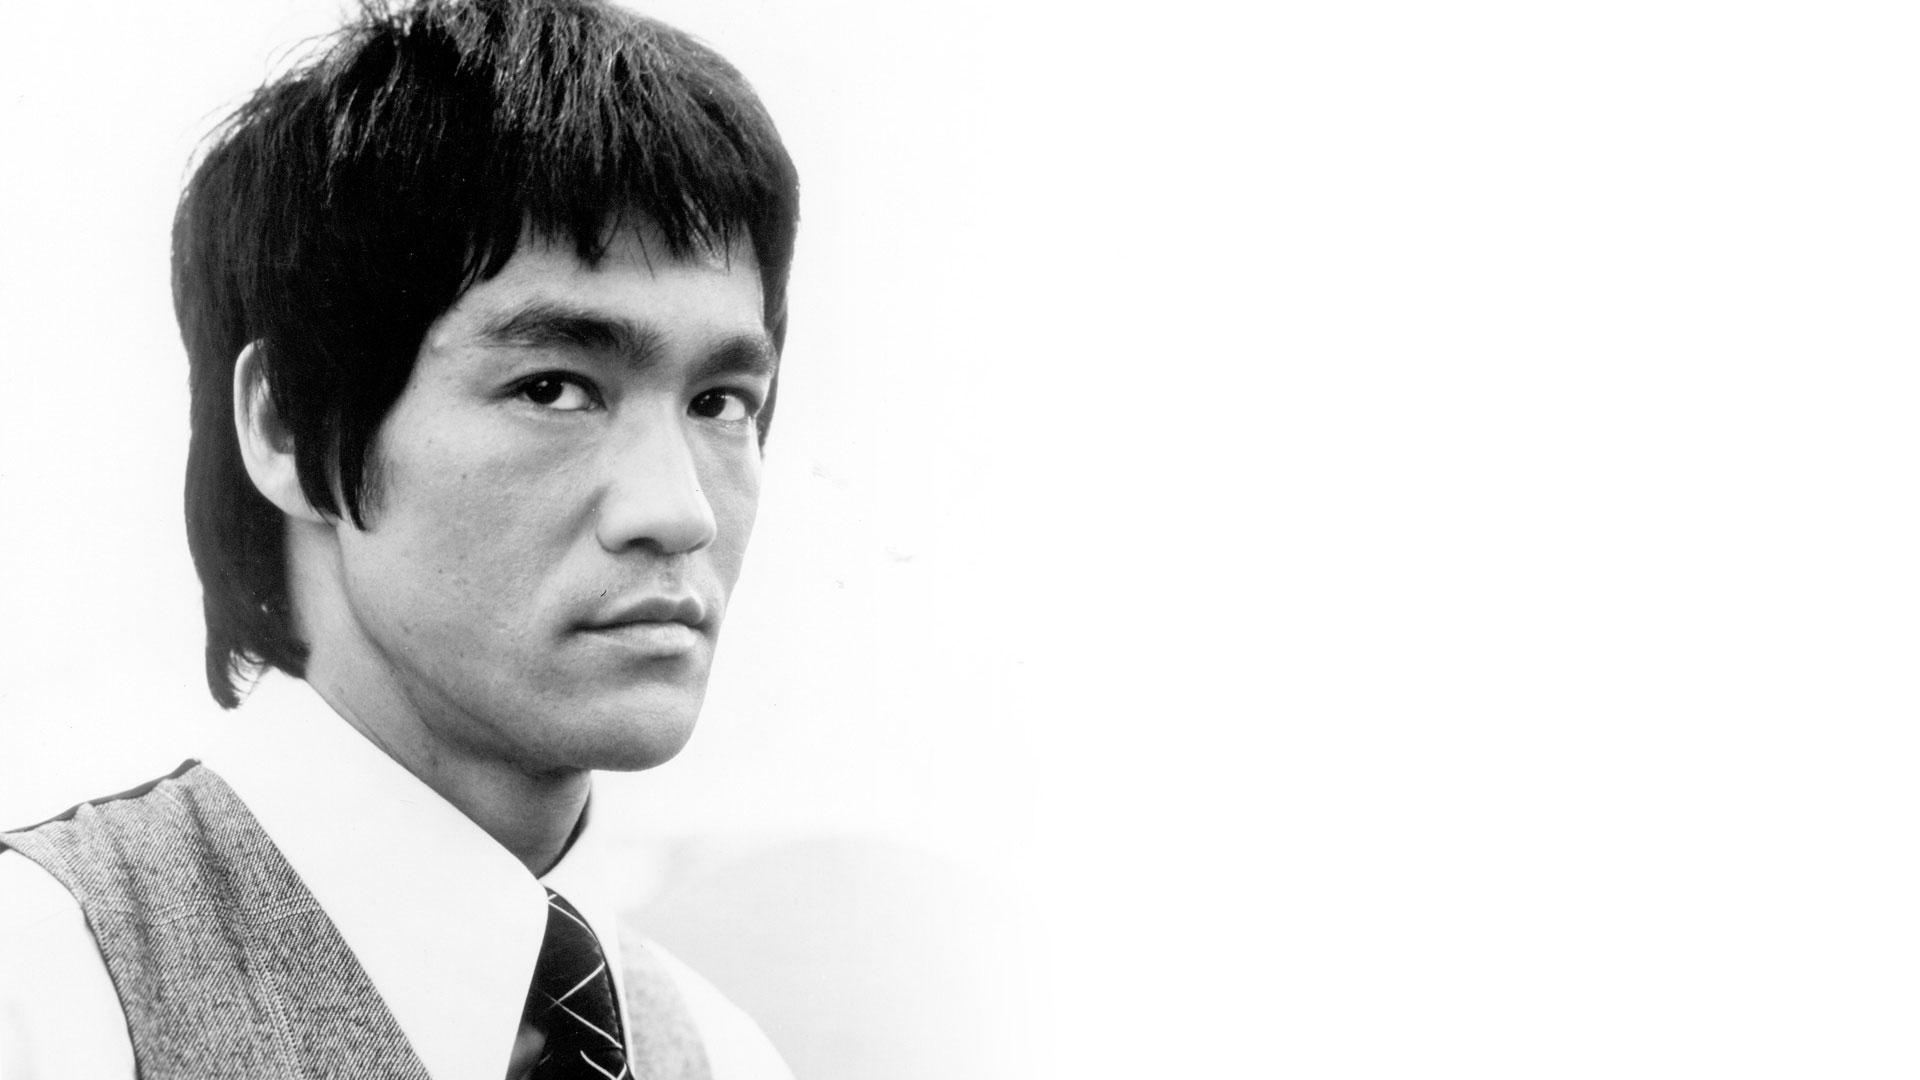 Резултат с изображение за Bruce Lee hd